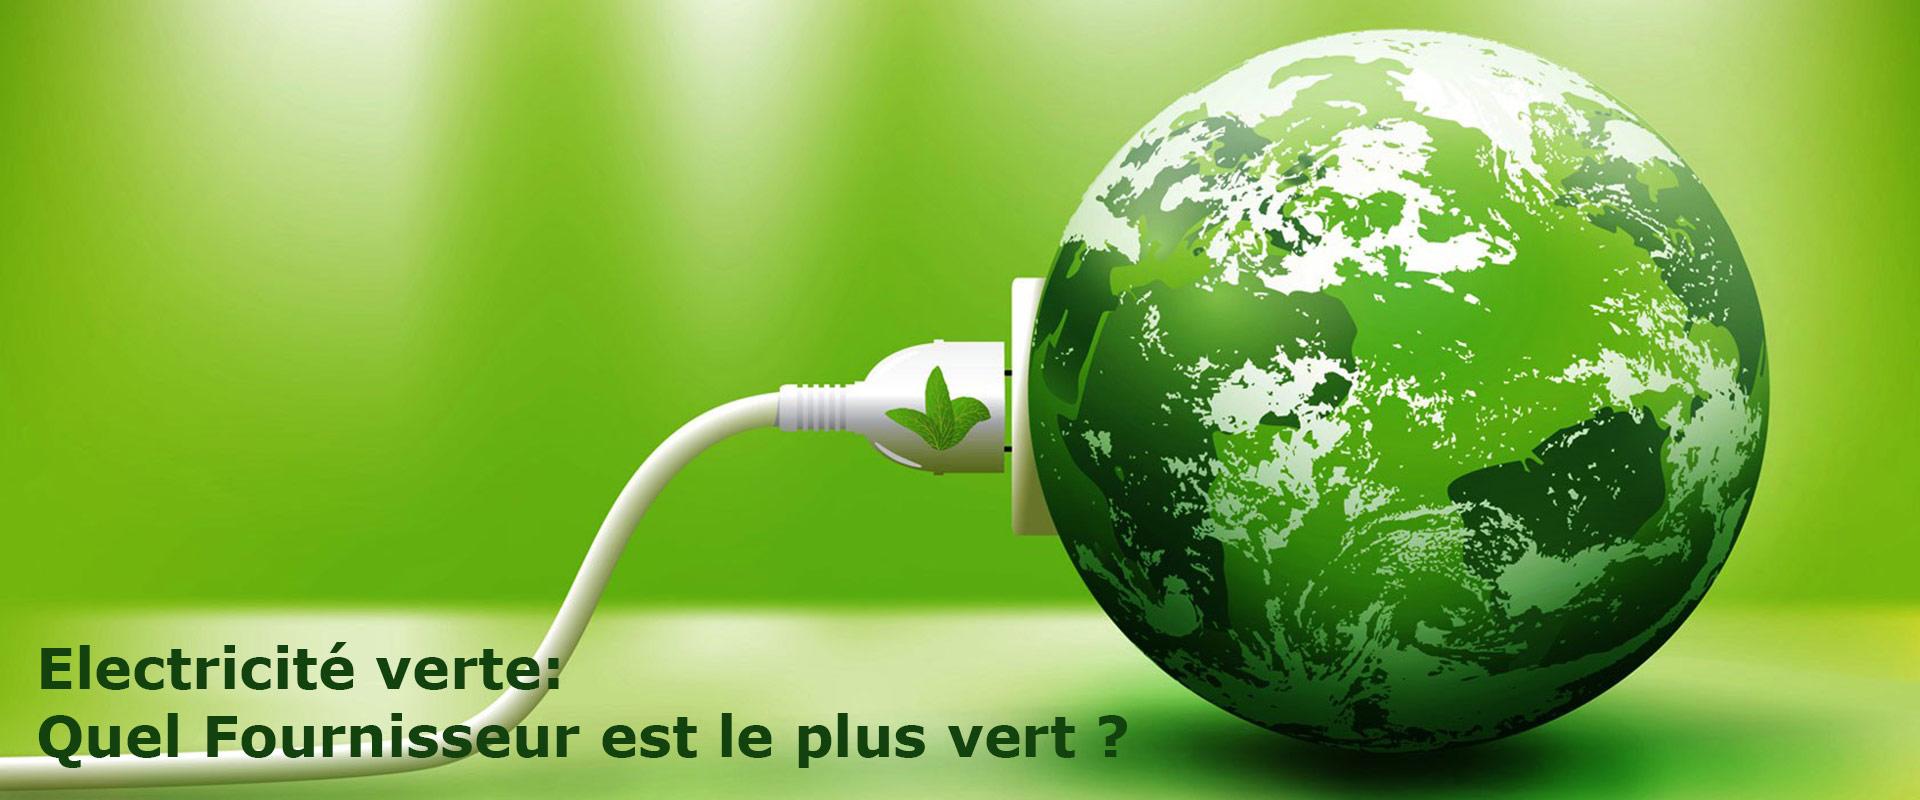 guide-energie-verte